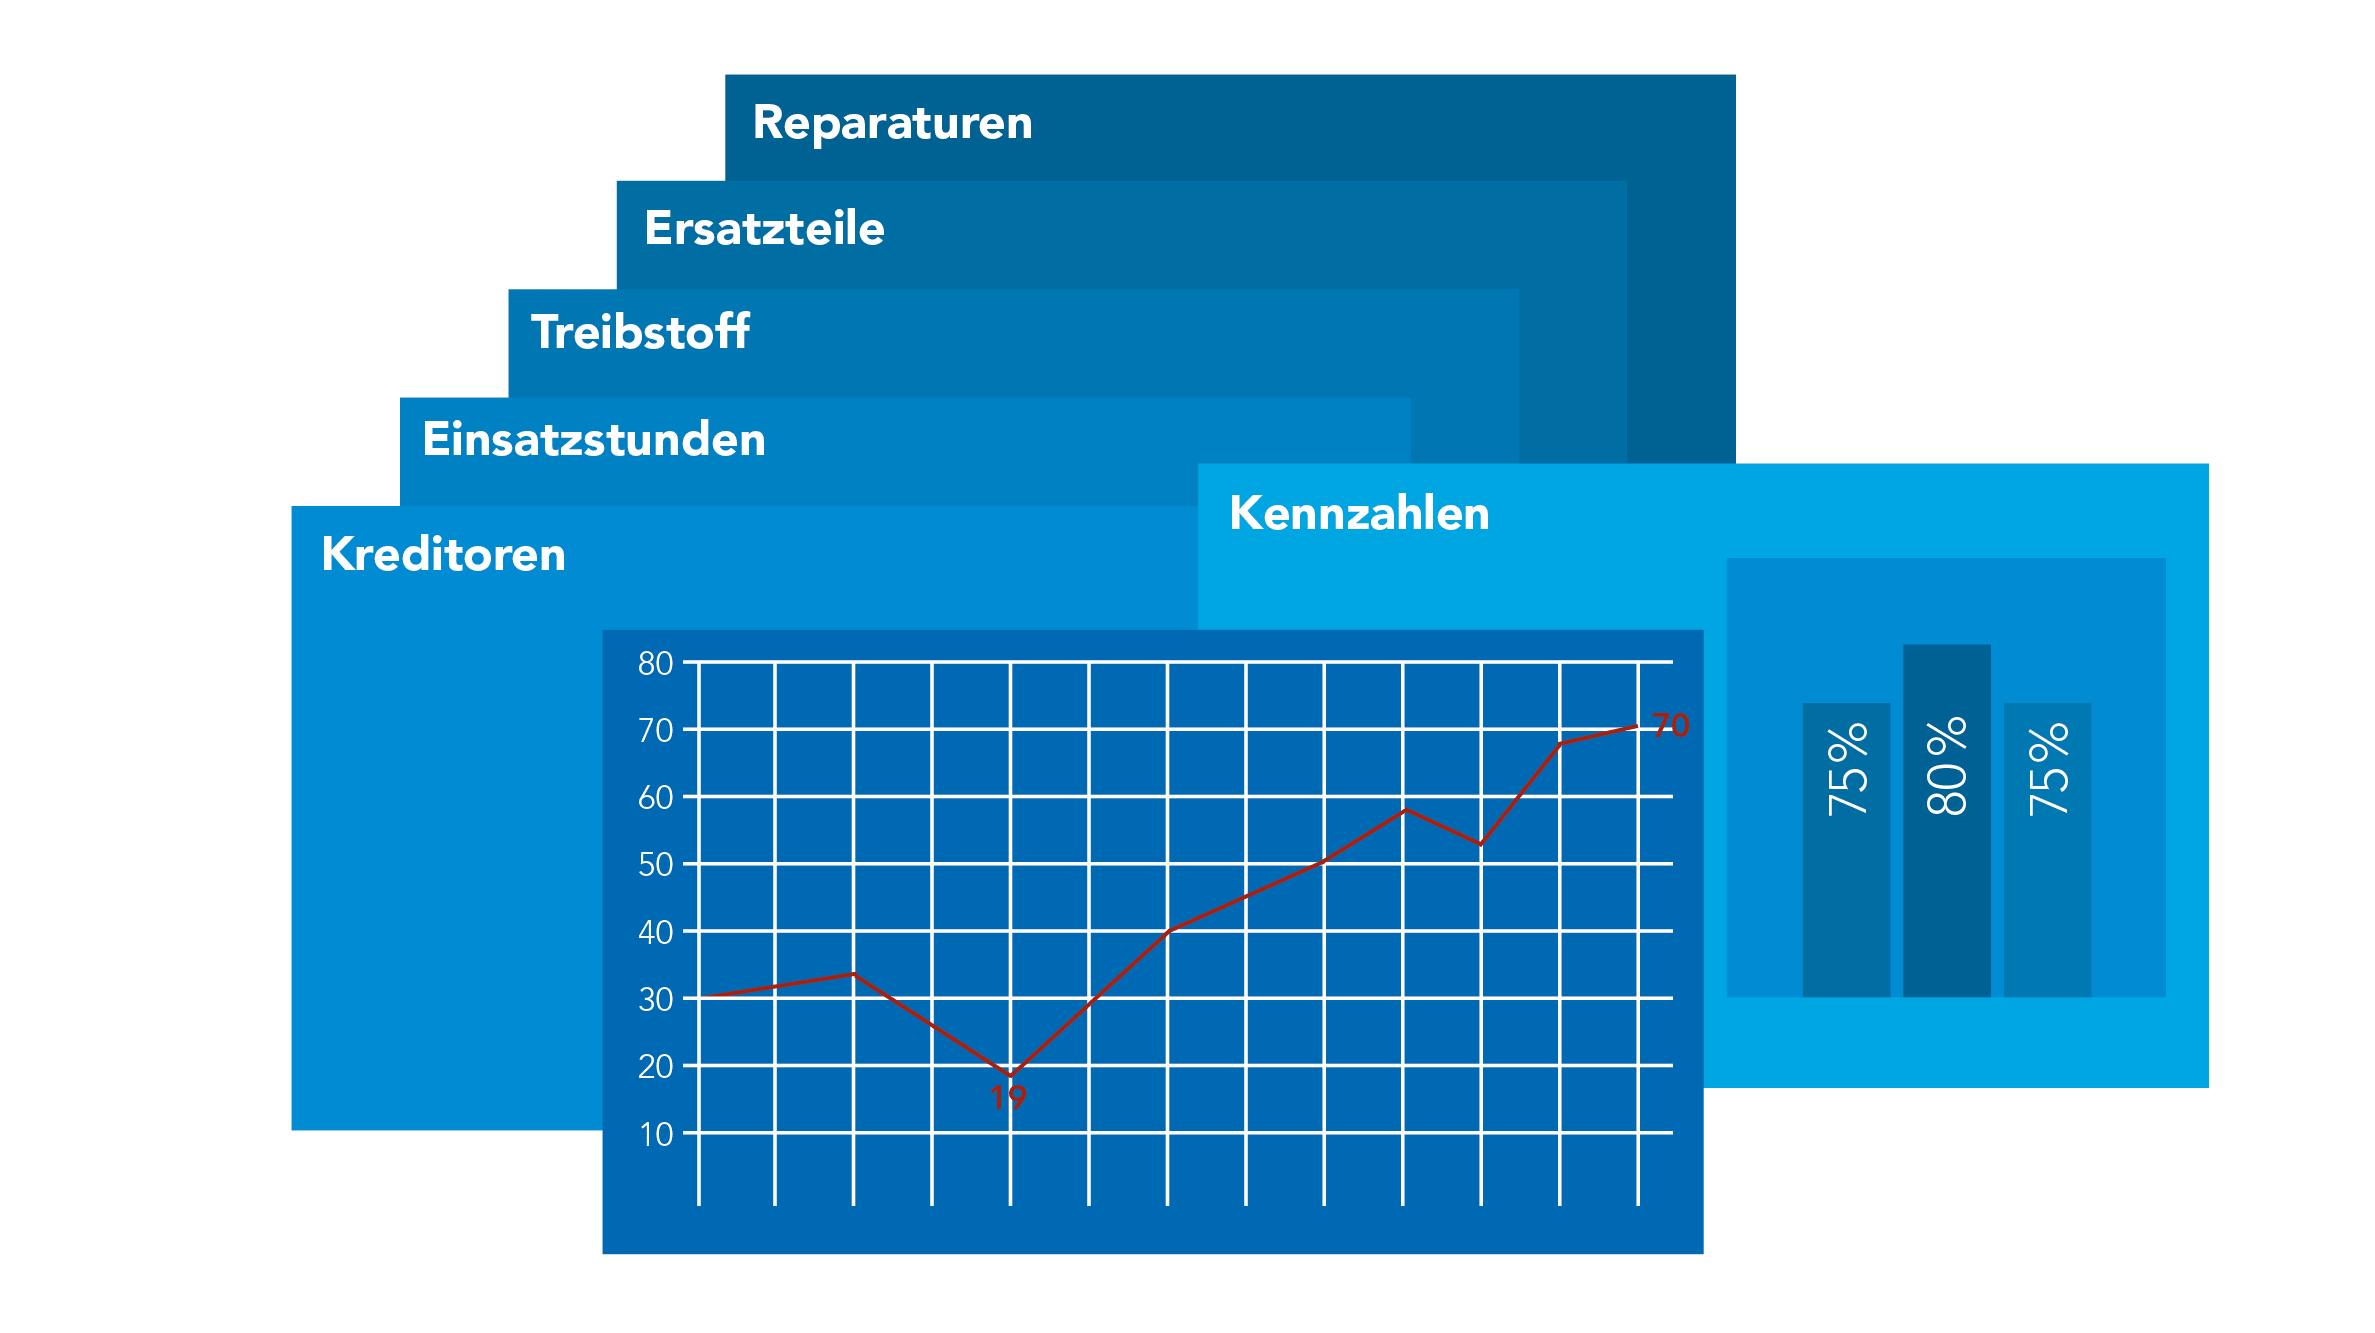 Grafik Auswertungen und Kennzahlen